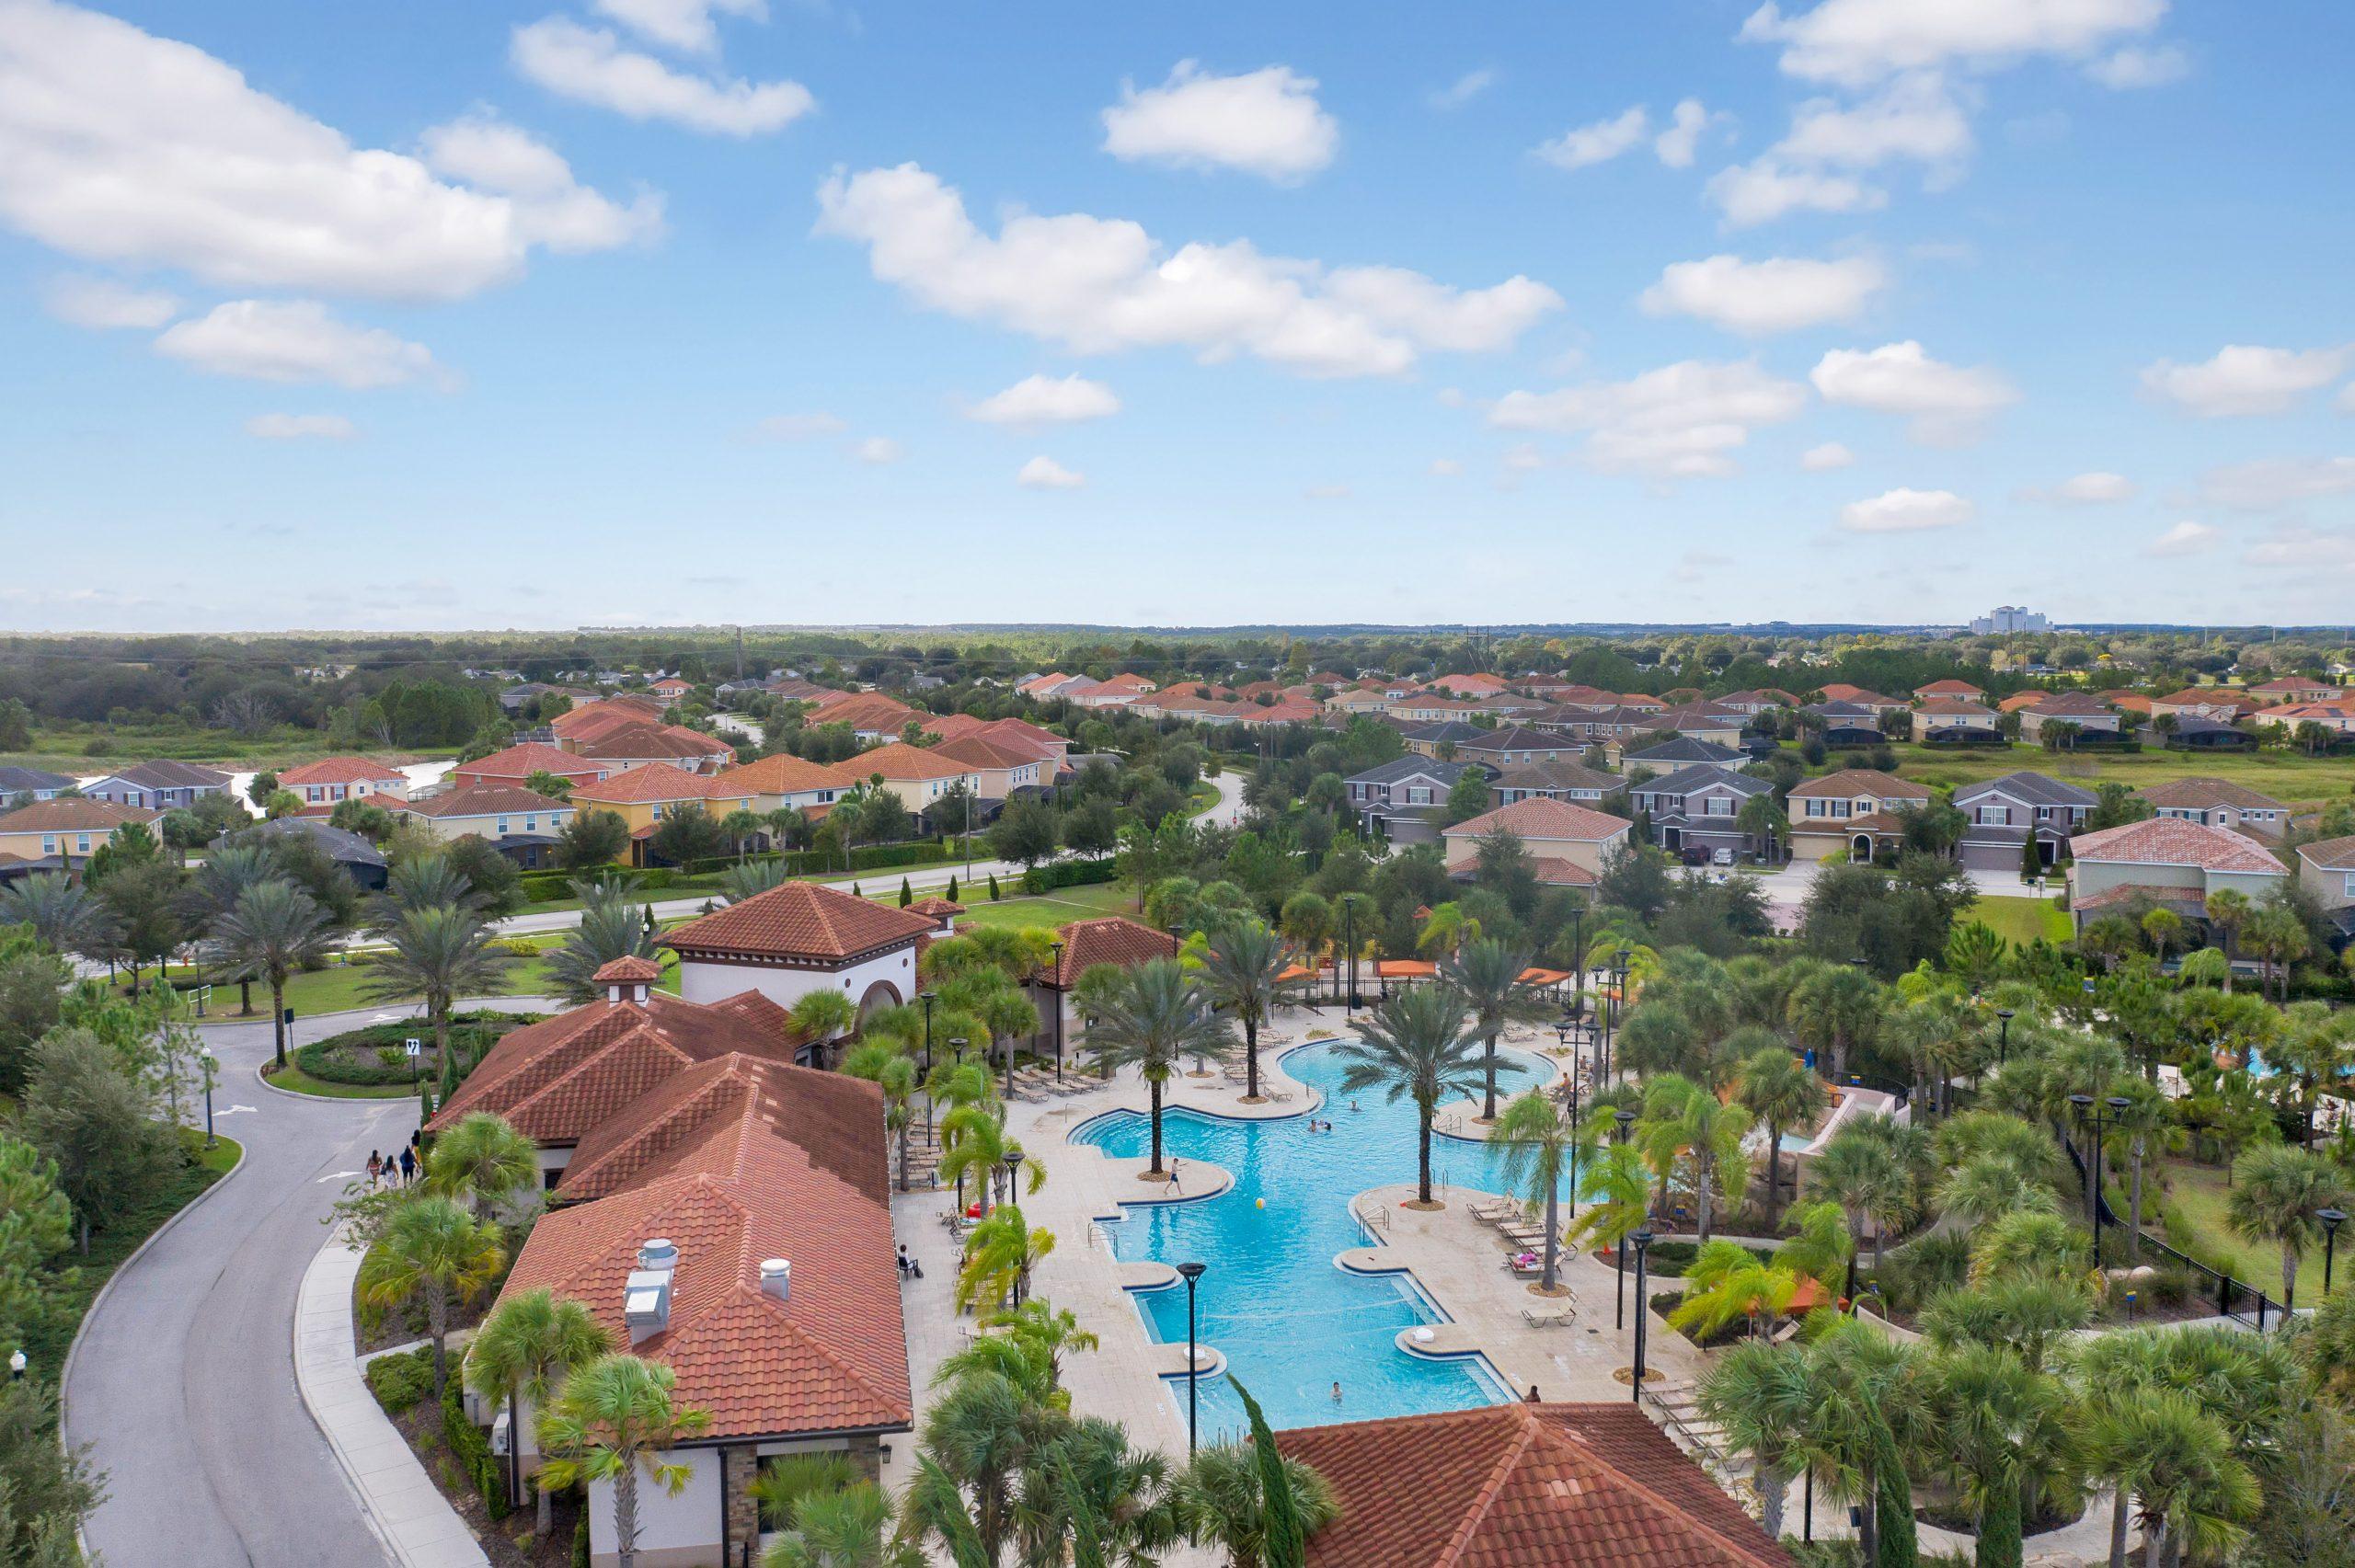 Best Vacation Rentals in Orlando